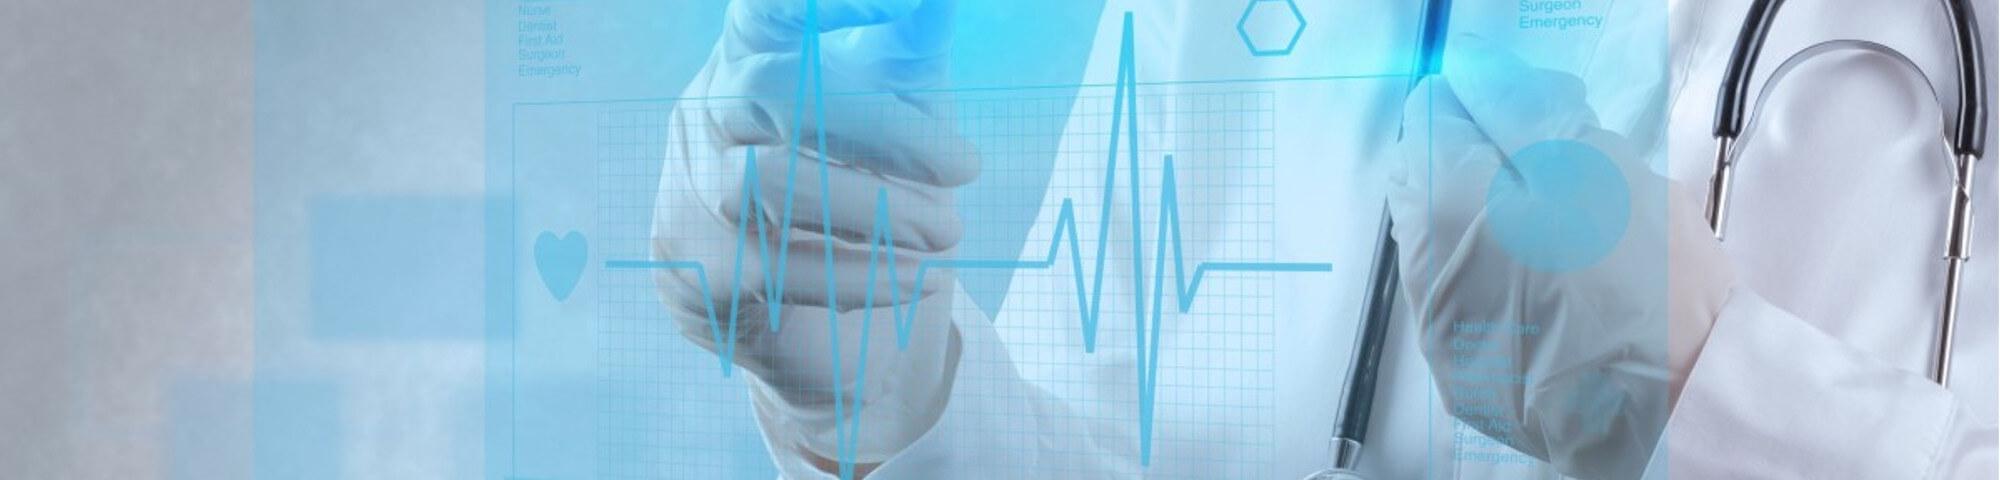 seguro de gastos medicos mayores